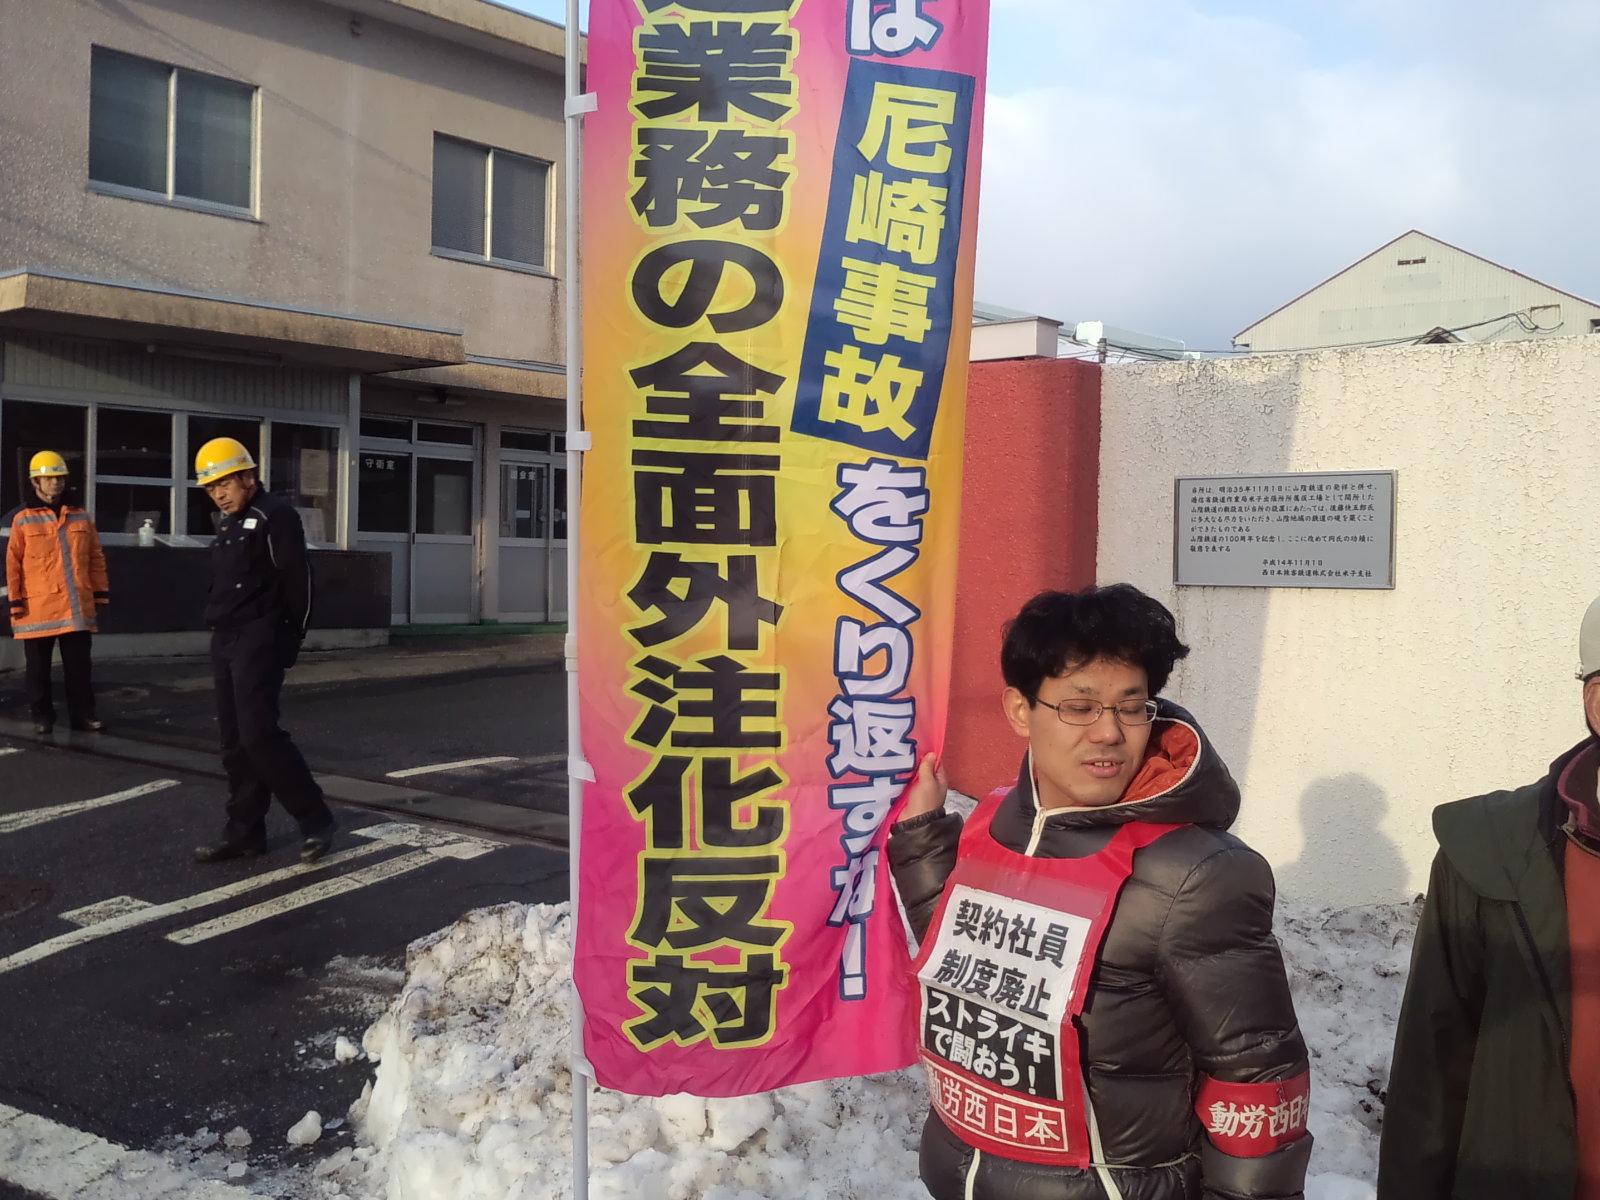 1月20日後藤総合車両所_d0155415_9555031.jpg